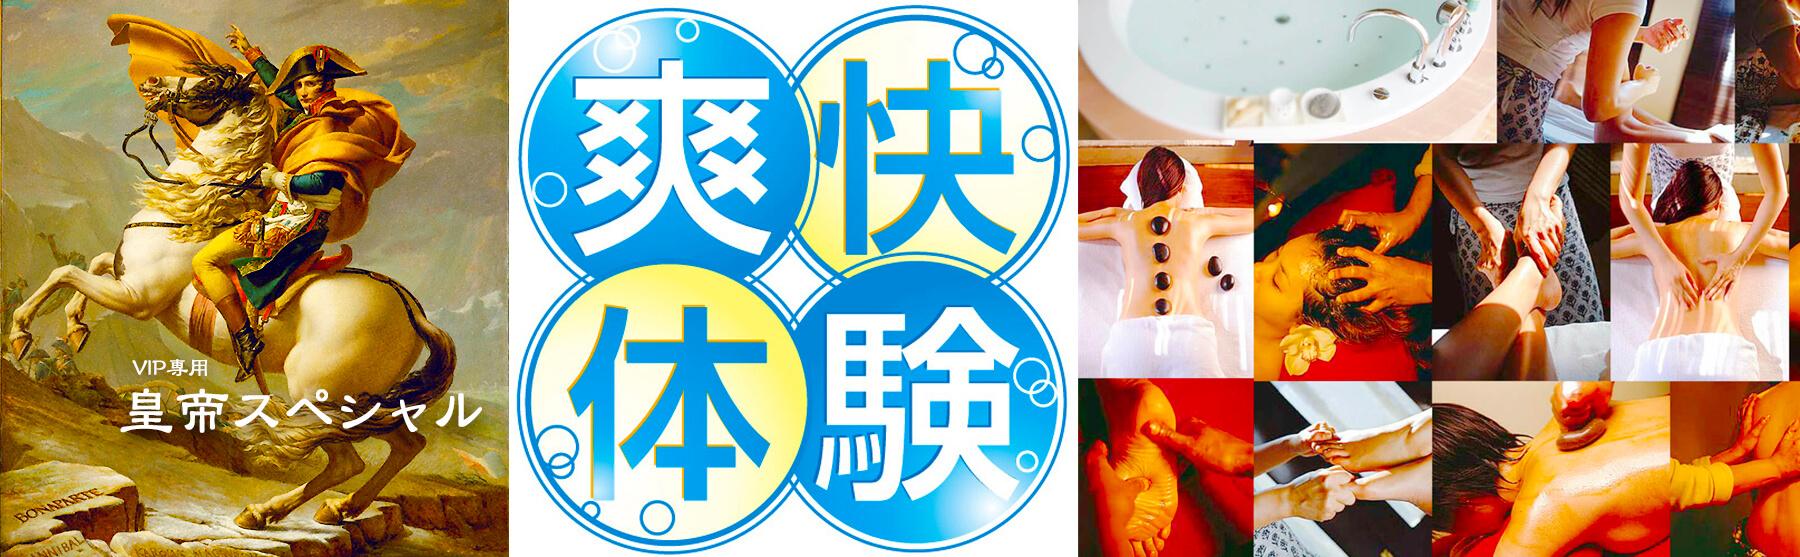 神奈川県、横浜に来たらココ!貴方を癒すマッサージ委員会